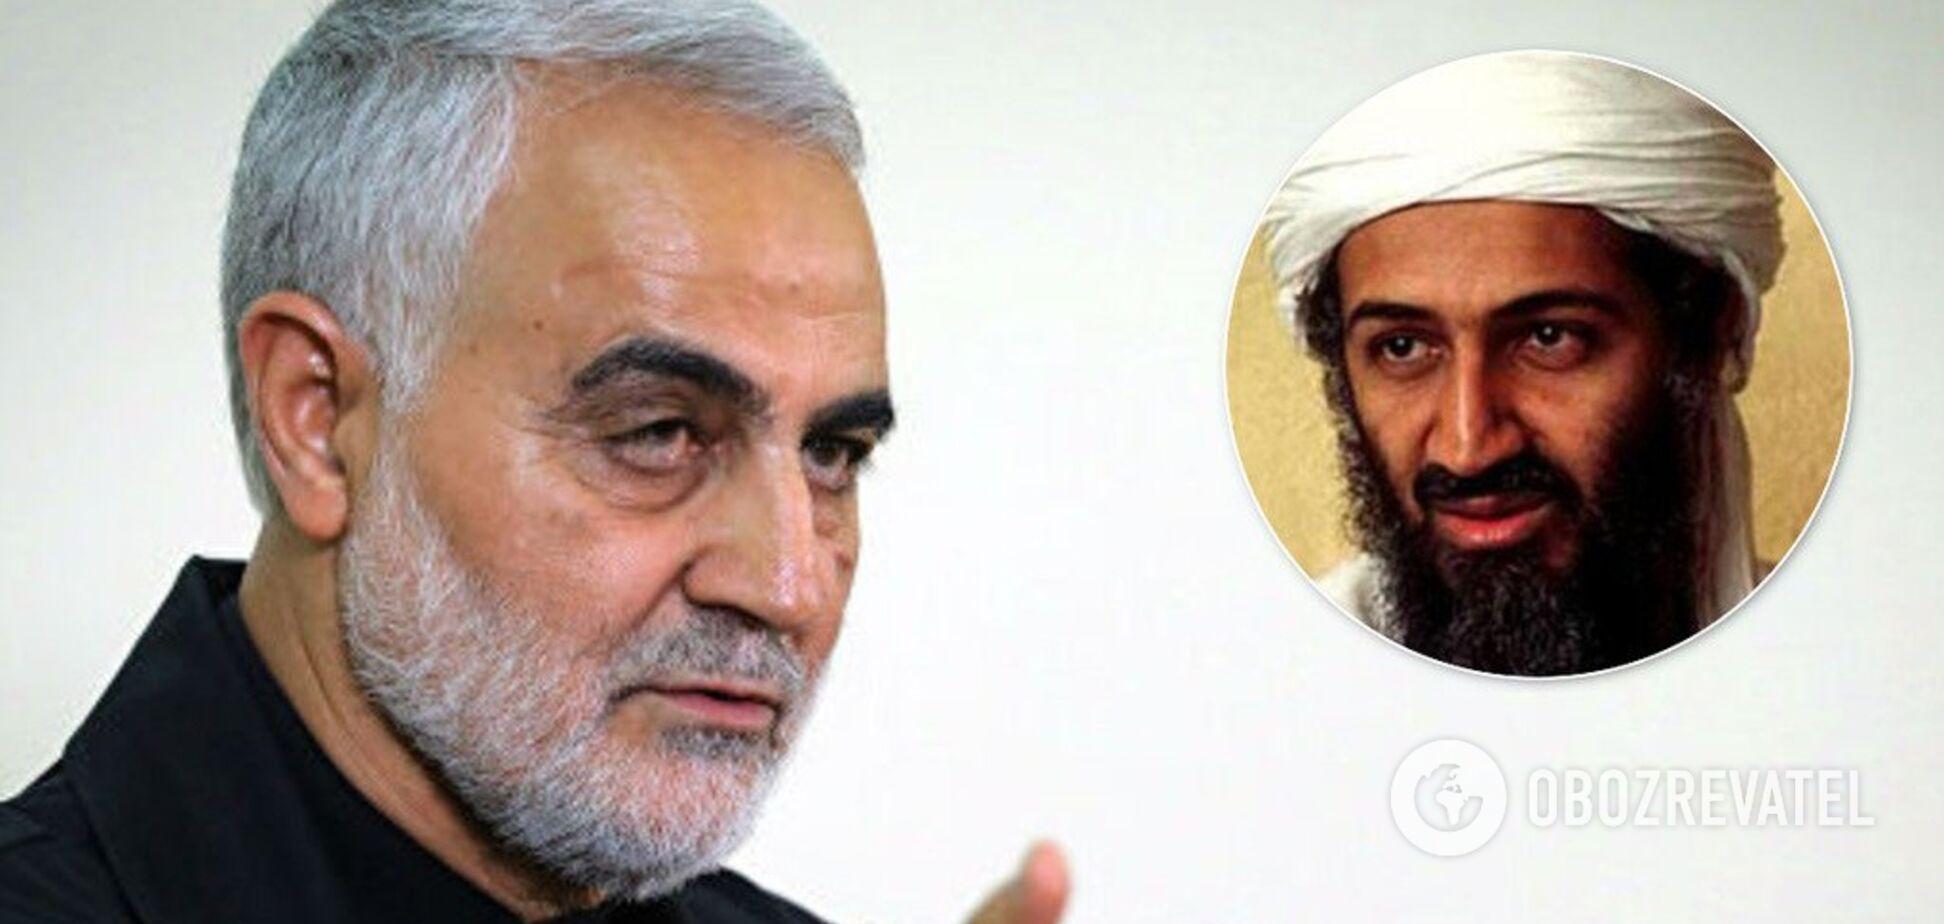 Страшнее бен Ладена: 'Хезболла' пригрозила Трампу местью за Сулеймани